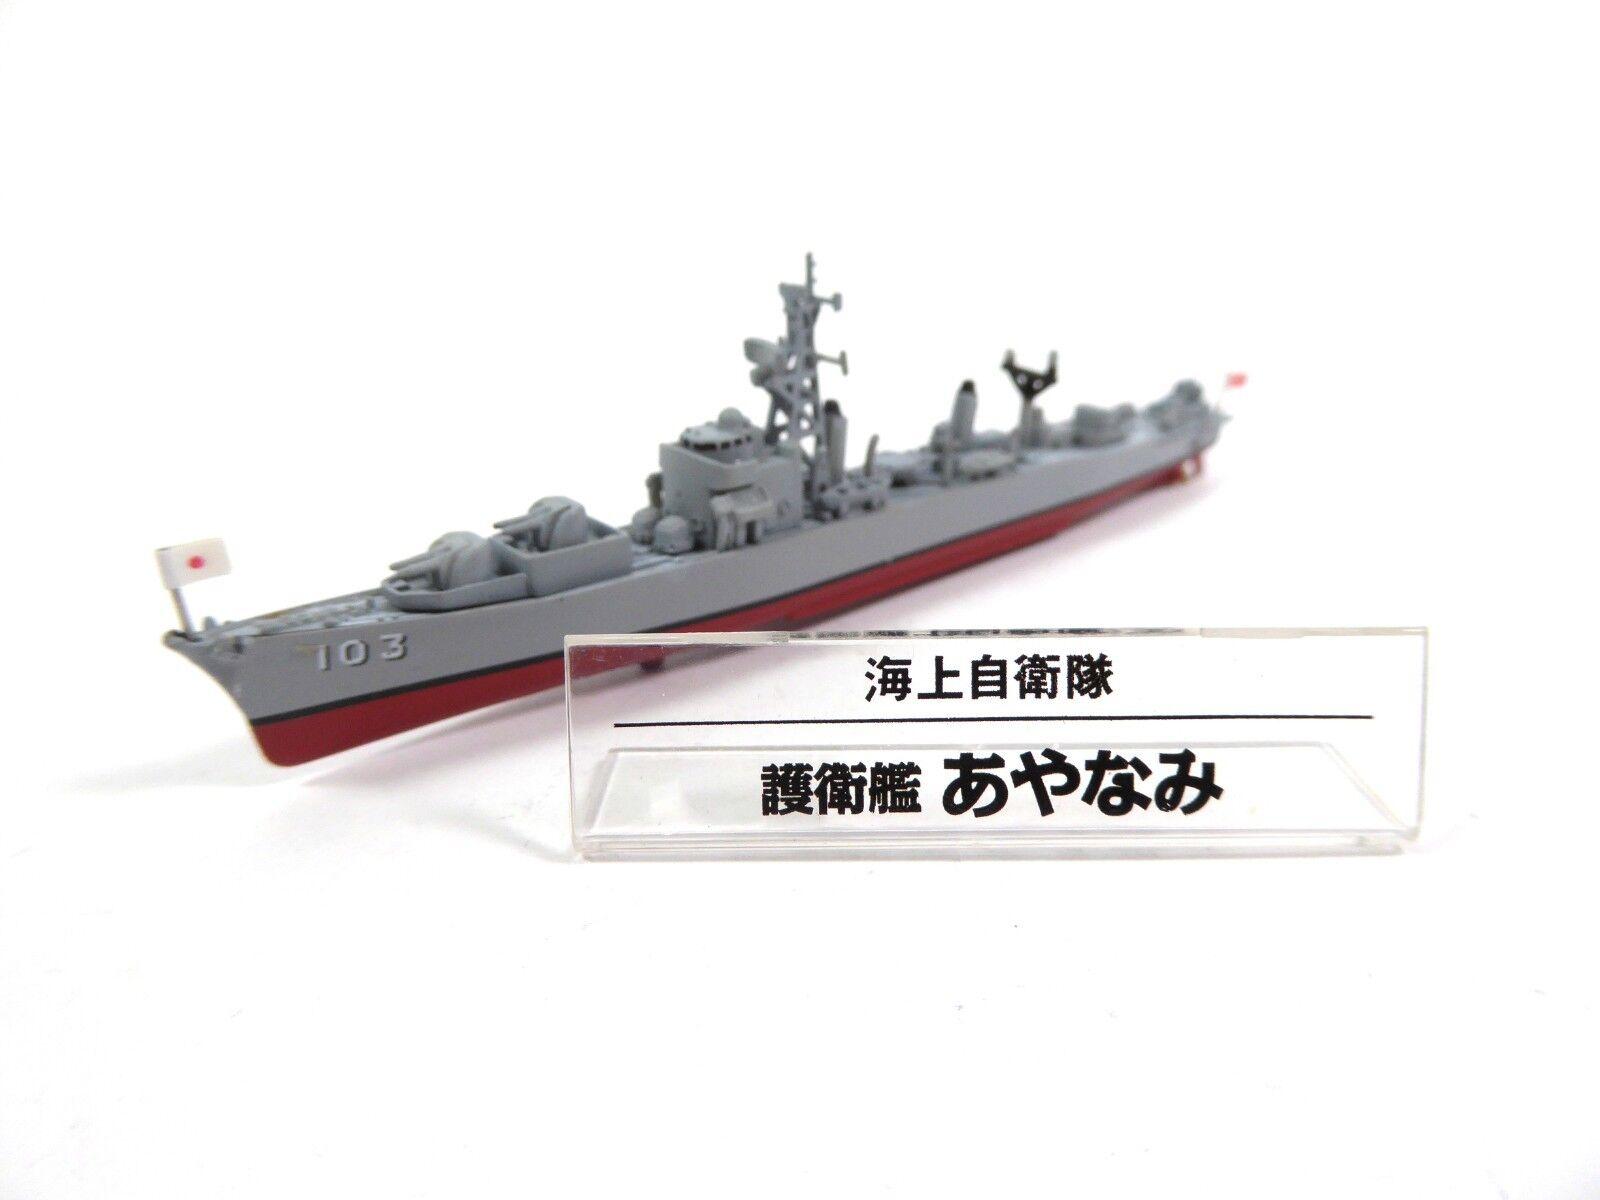 Battleship Destroyer Jds Ayanami 1 900 Jmsdf Japan Self Defense